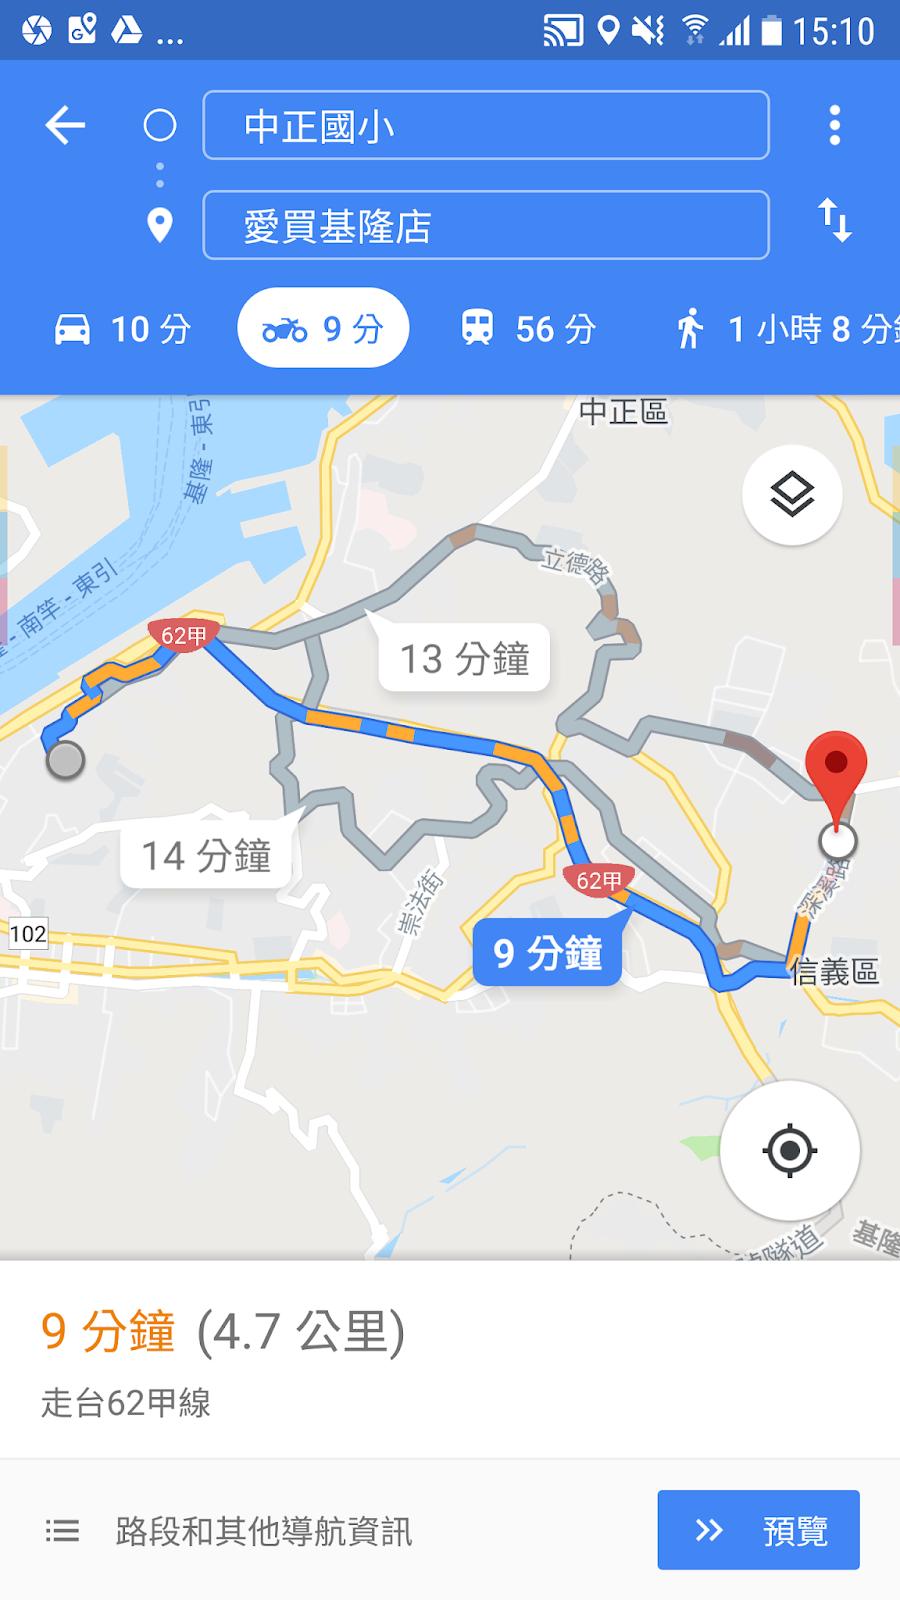 Google 地圖臺灣機車導航實測有問題,還需手動避開禁行路段